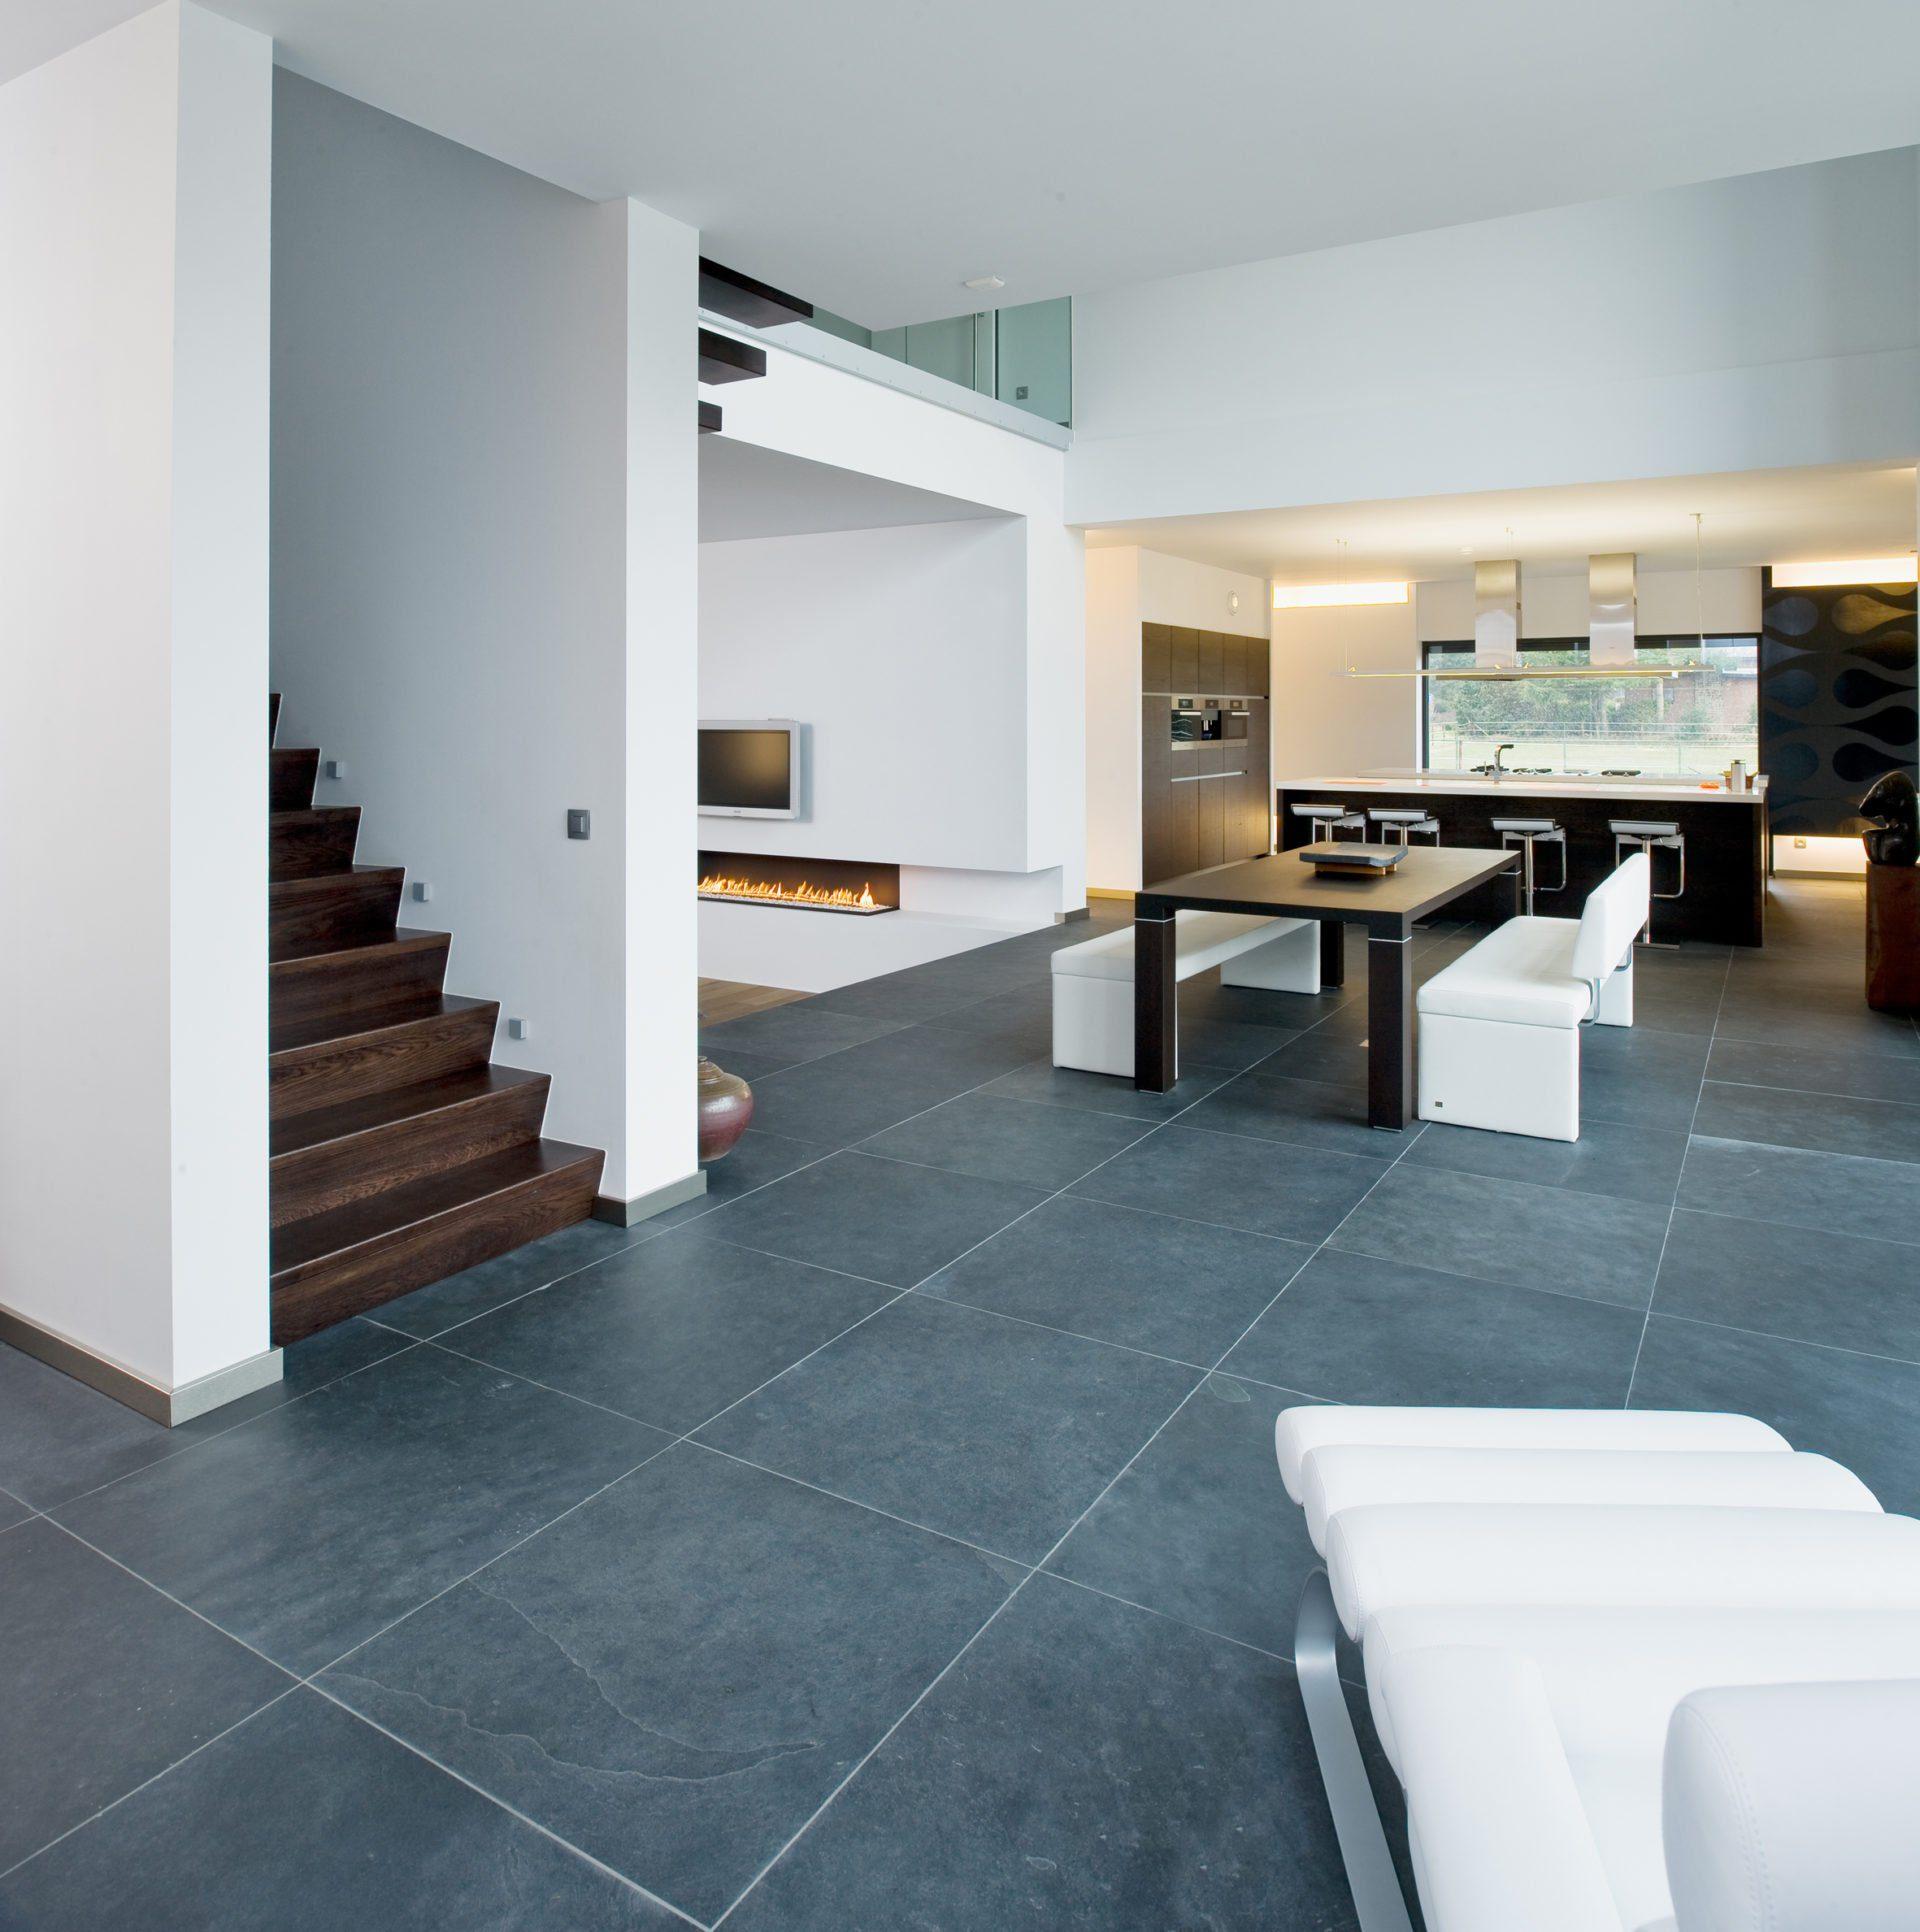 20170325&132408_Leisteen Vloer Badkamer ~ Moderne woonkamer tegels  Leisteen vloer prachtige leistenen tegels